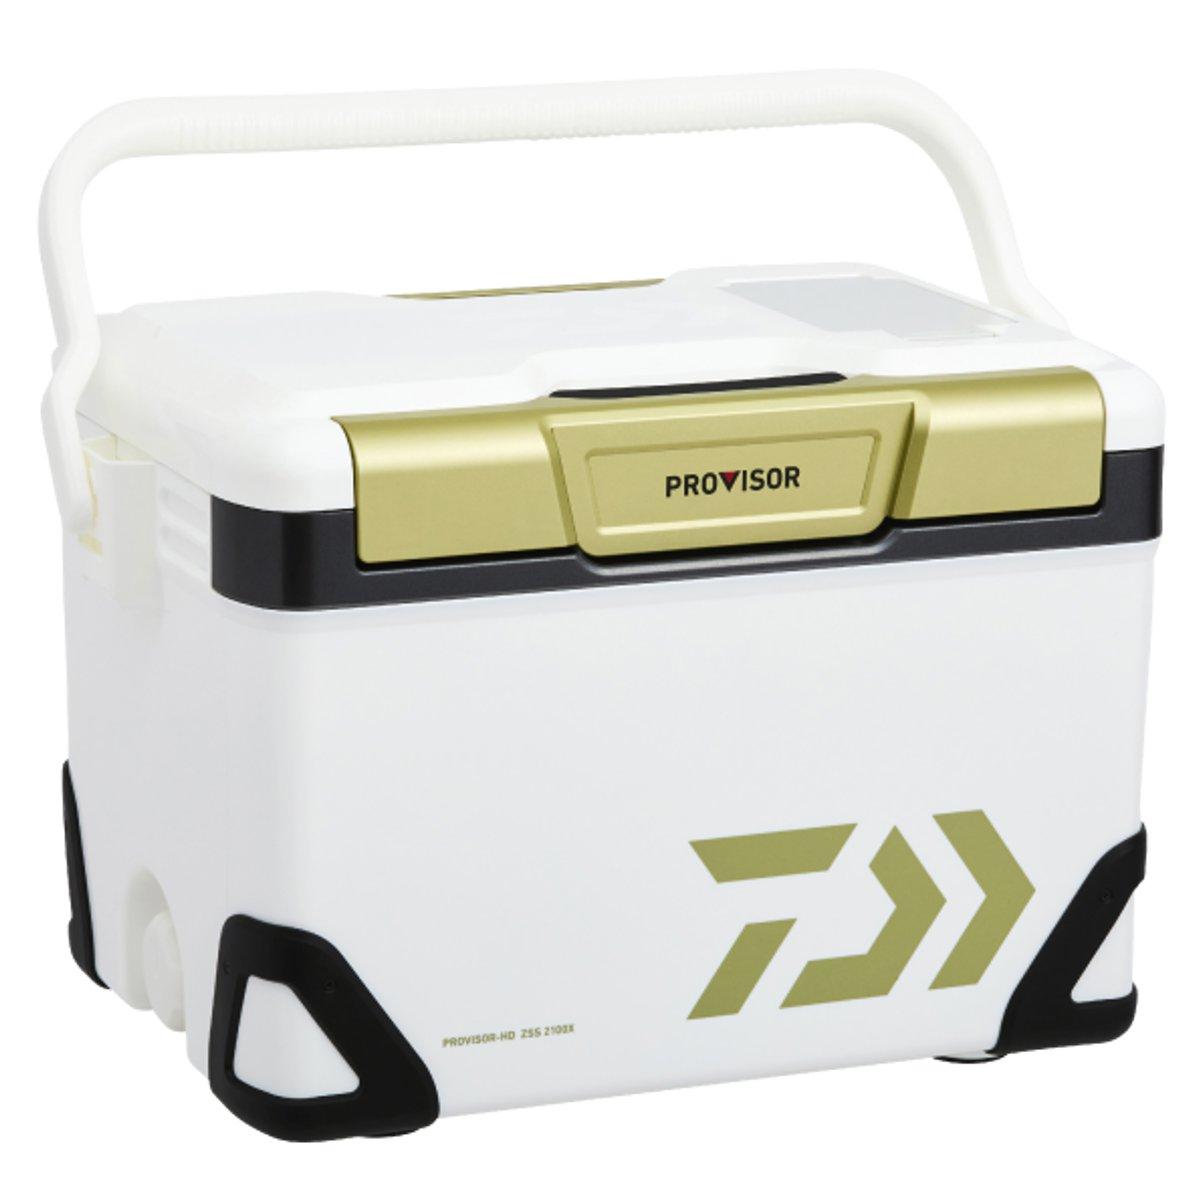 【スマホエントリ10倍】ダイワ プロバイザー HD ZSS 2100X シャンパンゴールド クーラーボックス【送料無料】